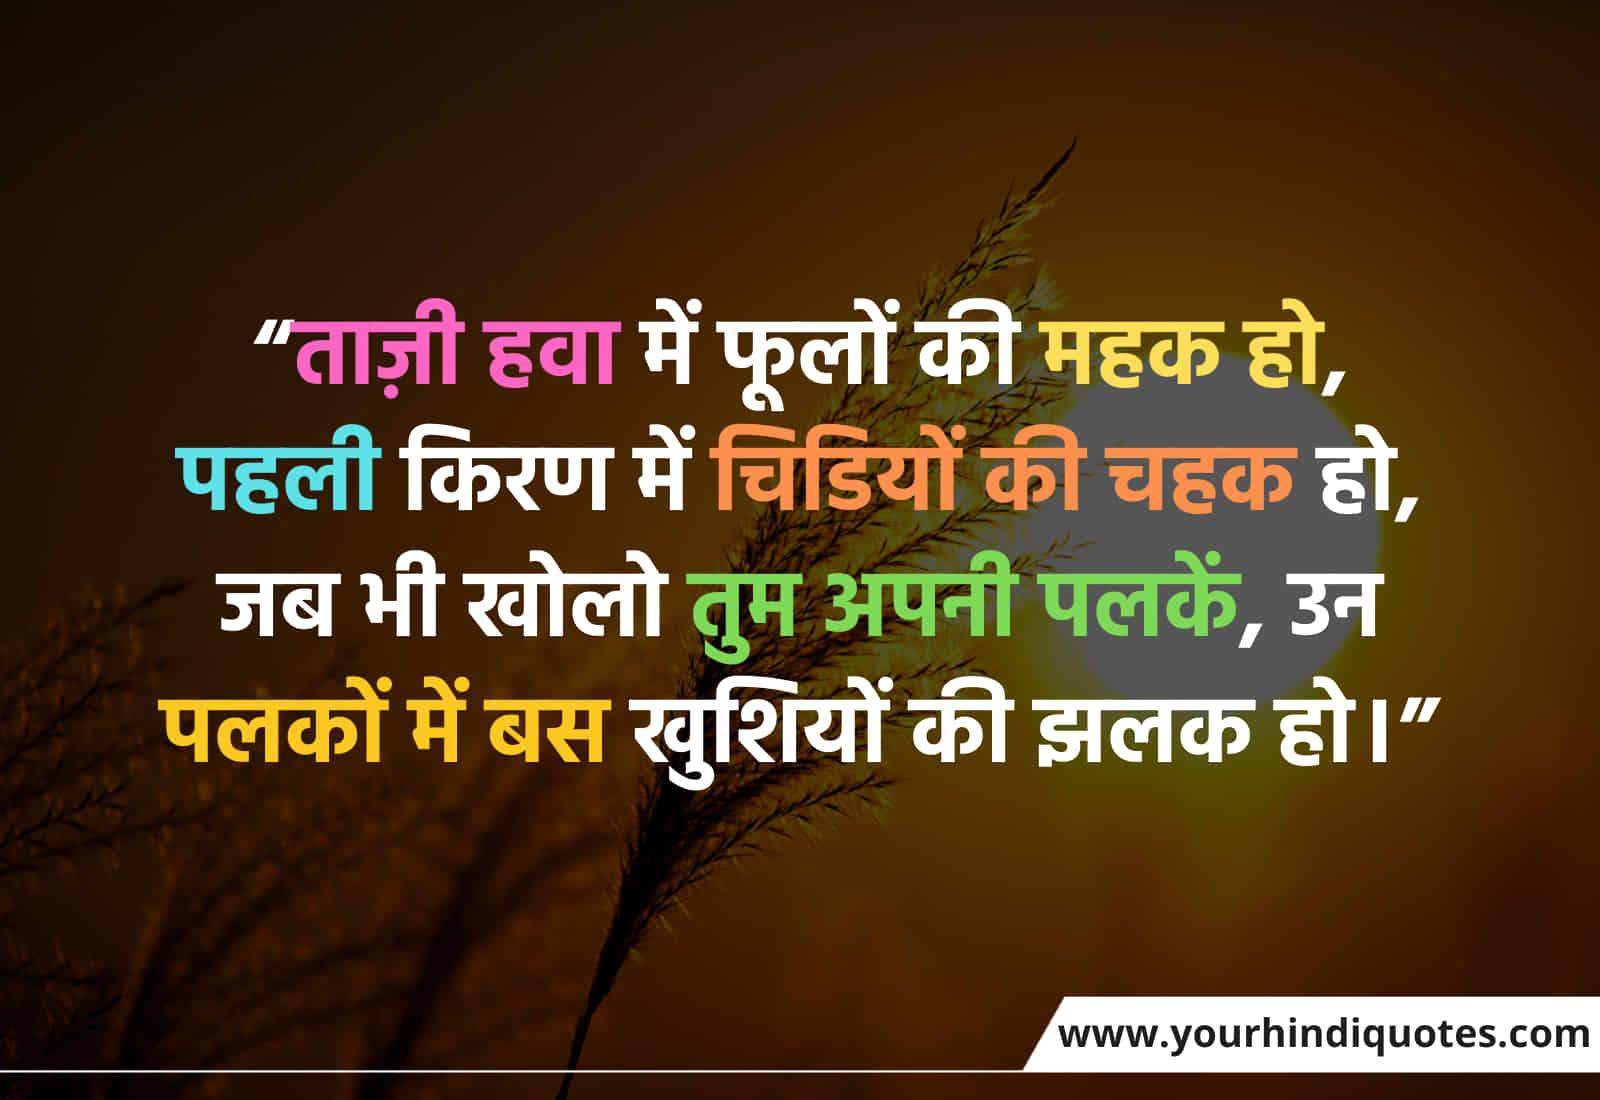 Hindi Shayari For Good Morning